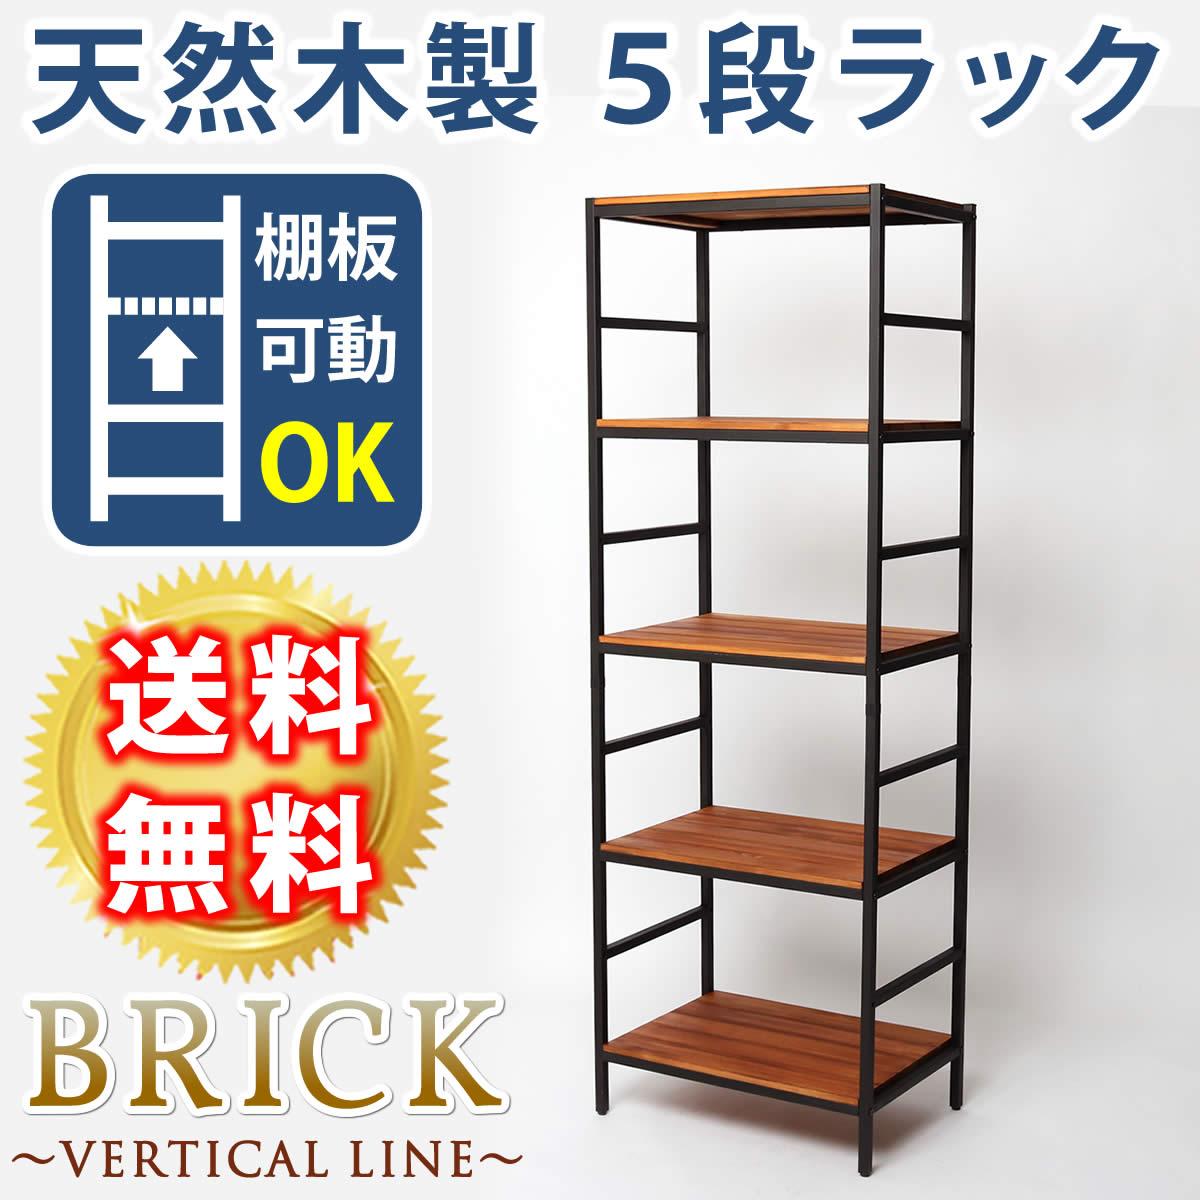 BRICK(ブリック) 5段タイプ 60×40×175 送料無料 簡単組立 5段 アンティーク モダン ナチュラル オイル ミッドセンチュリー ウッド スタイリッシュ シンプル シェルフ ラック ハンガー インテリア 家具 天然 おしゃれ